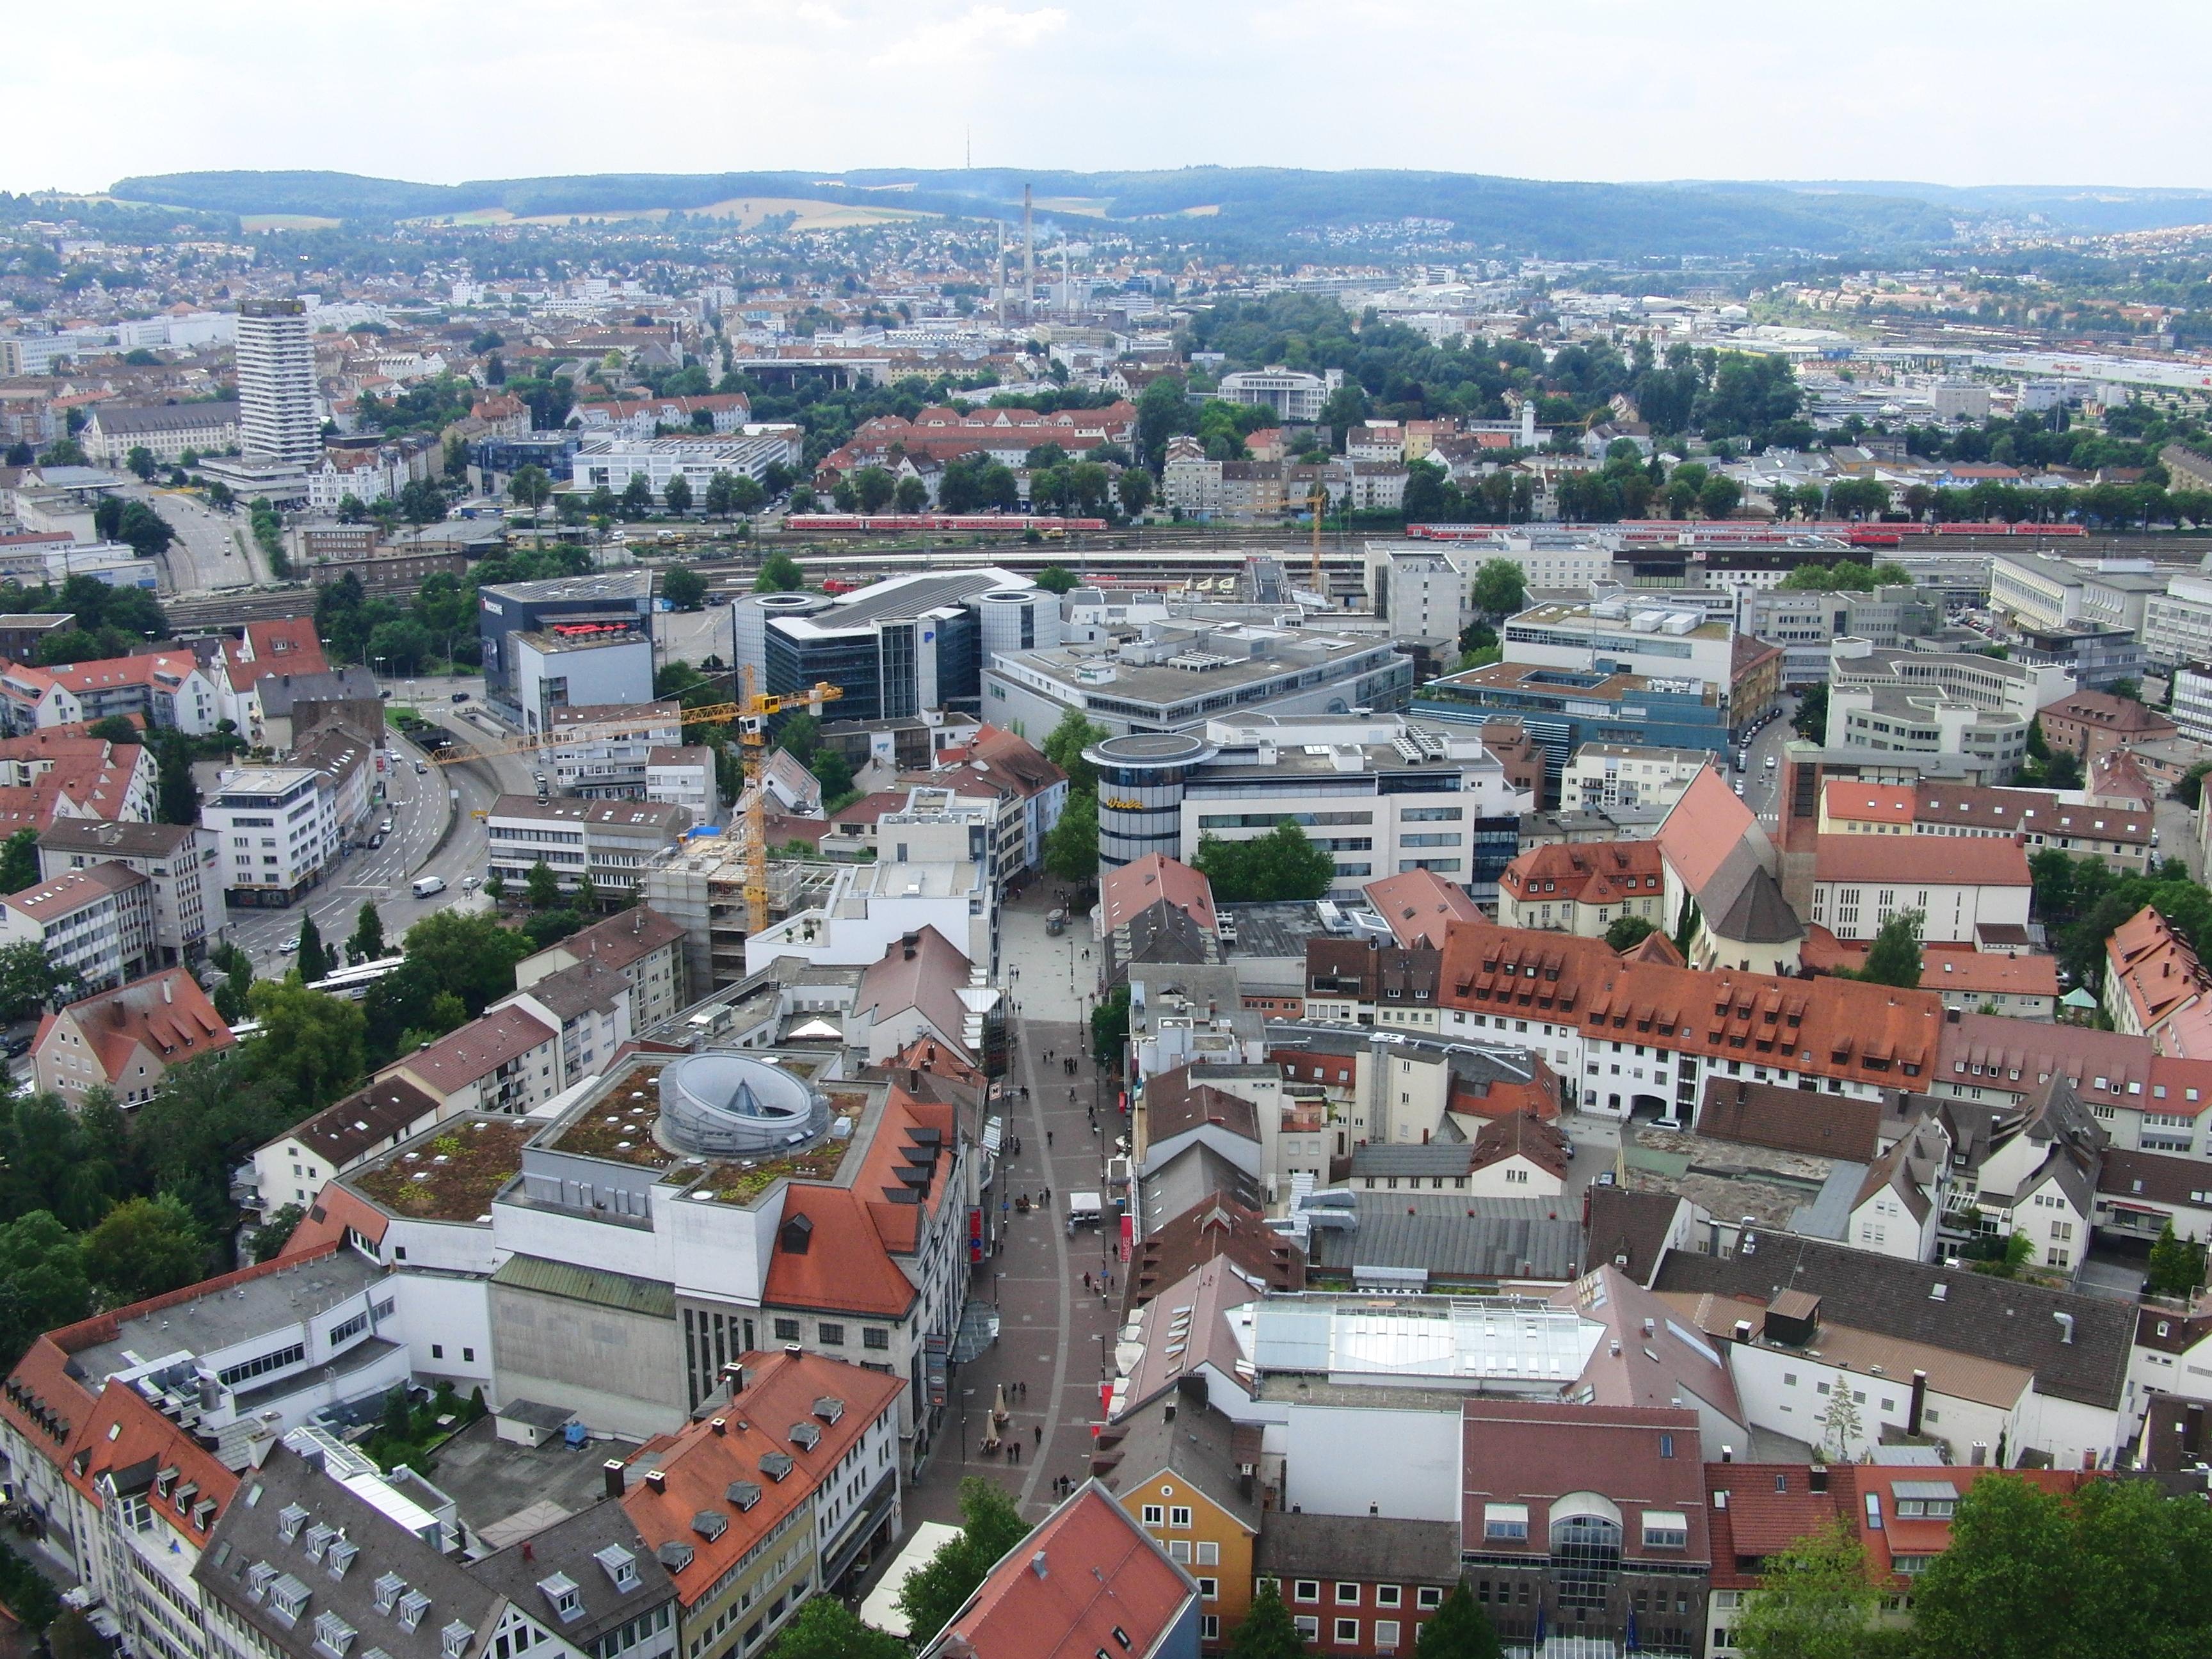 Dateihöchste Kirchturm Der Welt In Ulm An Der Donaujpg Wikipedia